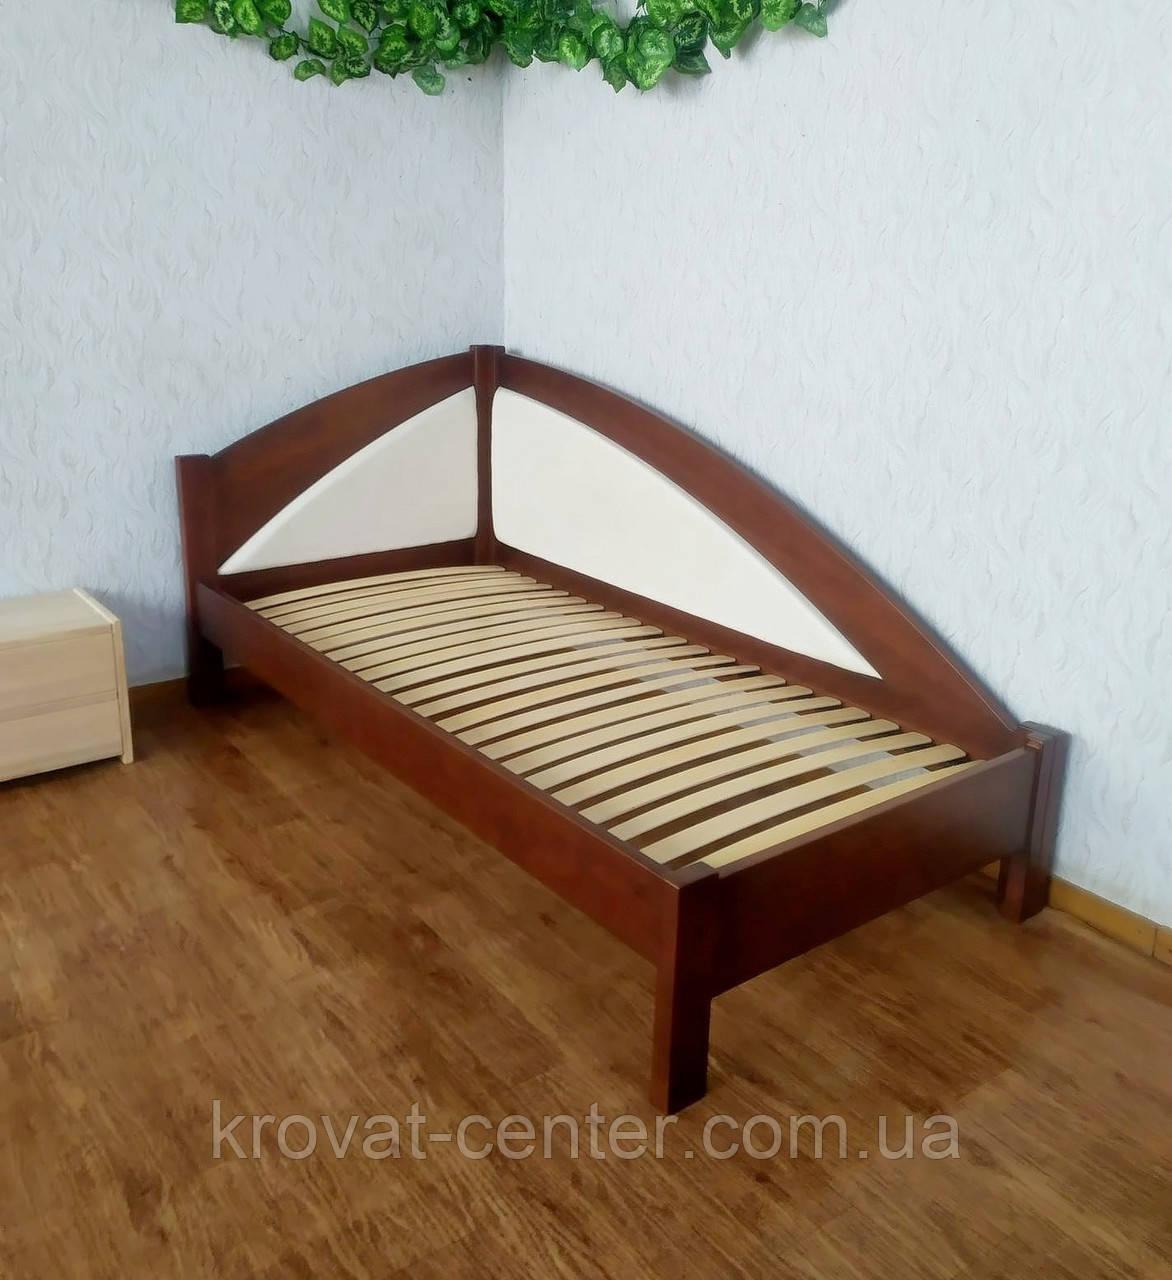 """Детская подростковая кровать тахта с мягкой спинкой из дерева """"Радуга Премиум"""" от производителя"""